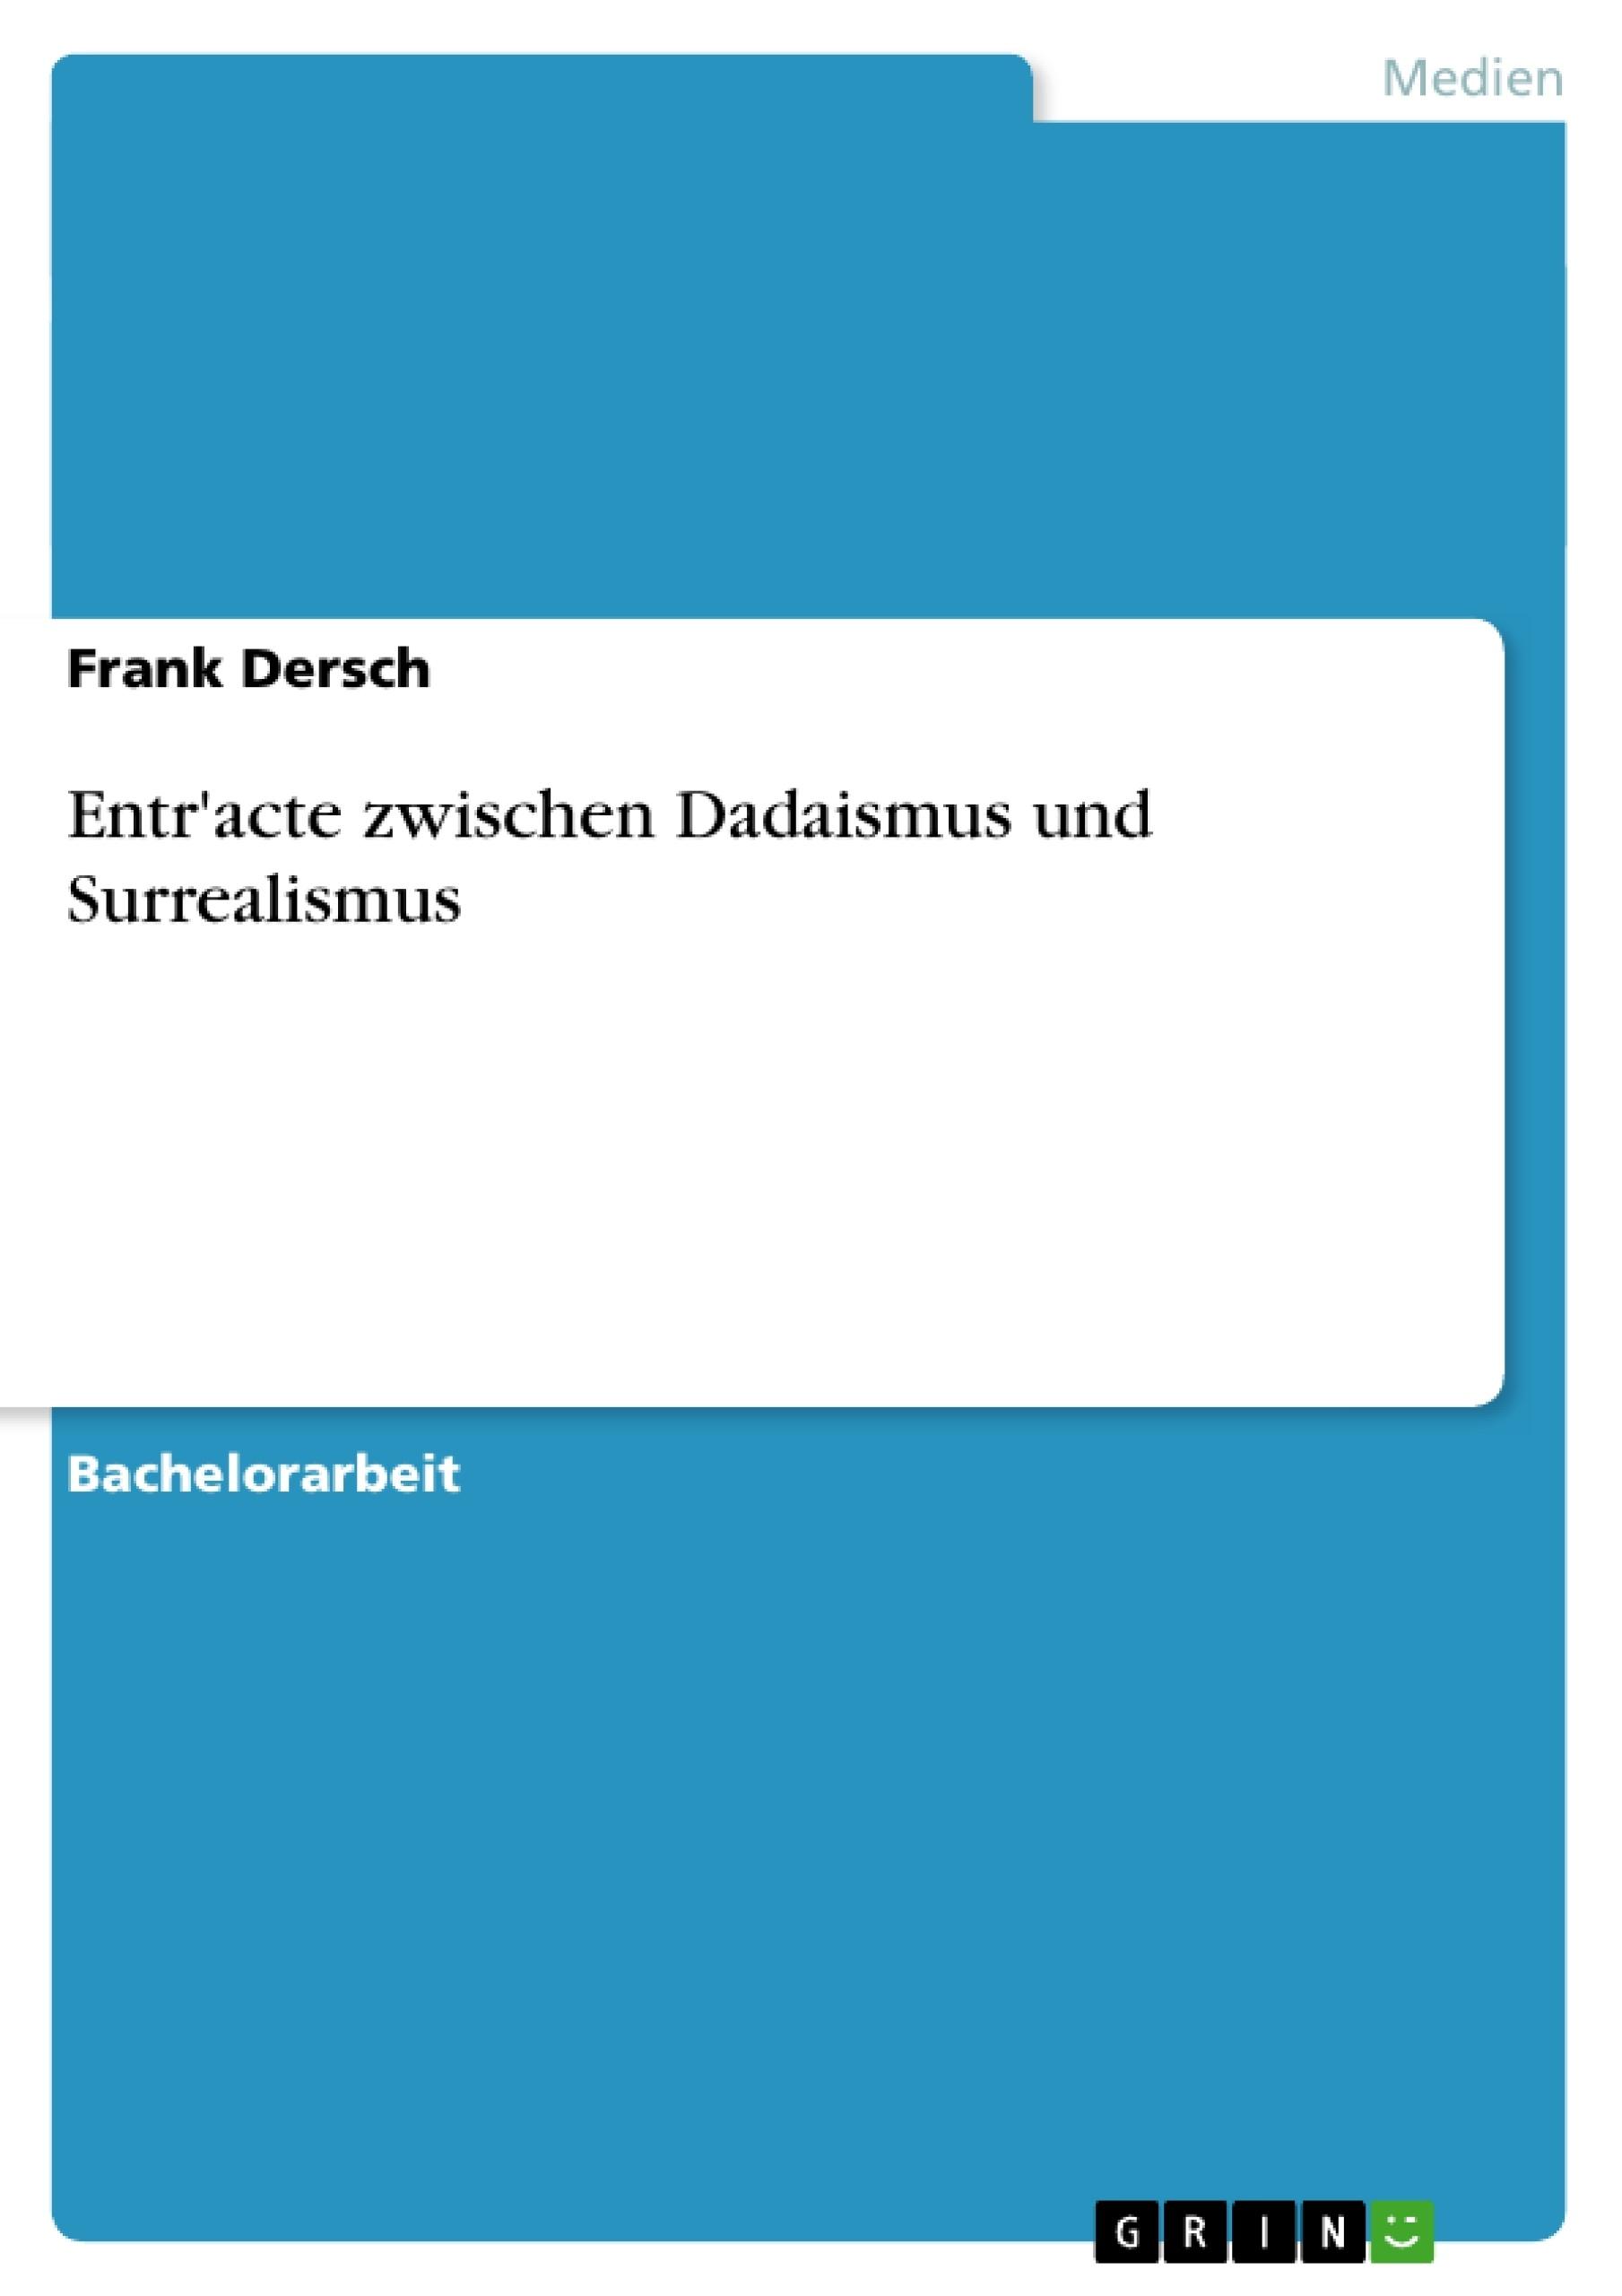 Titel: Entr'acte zwischen Dadaismus und Surrealismus